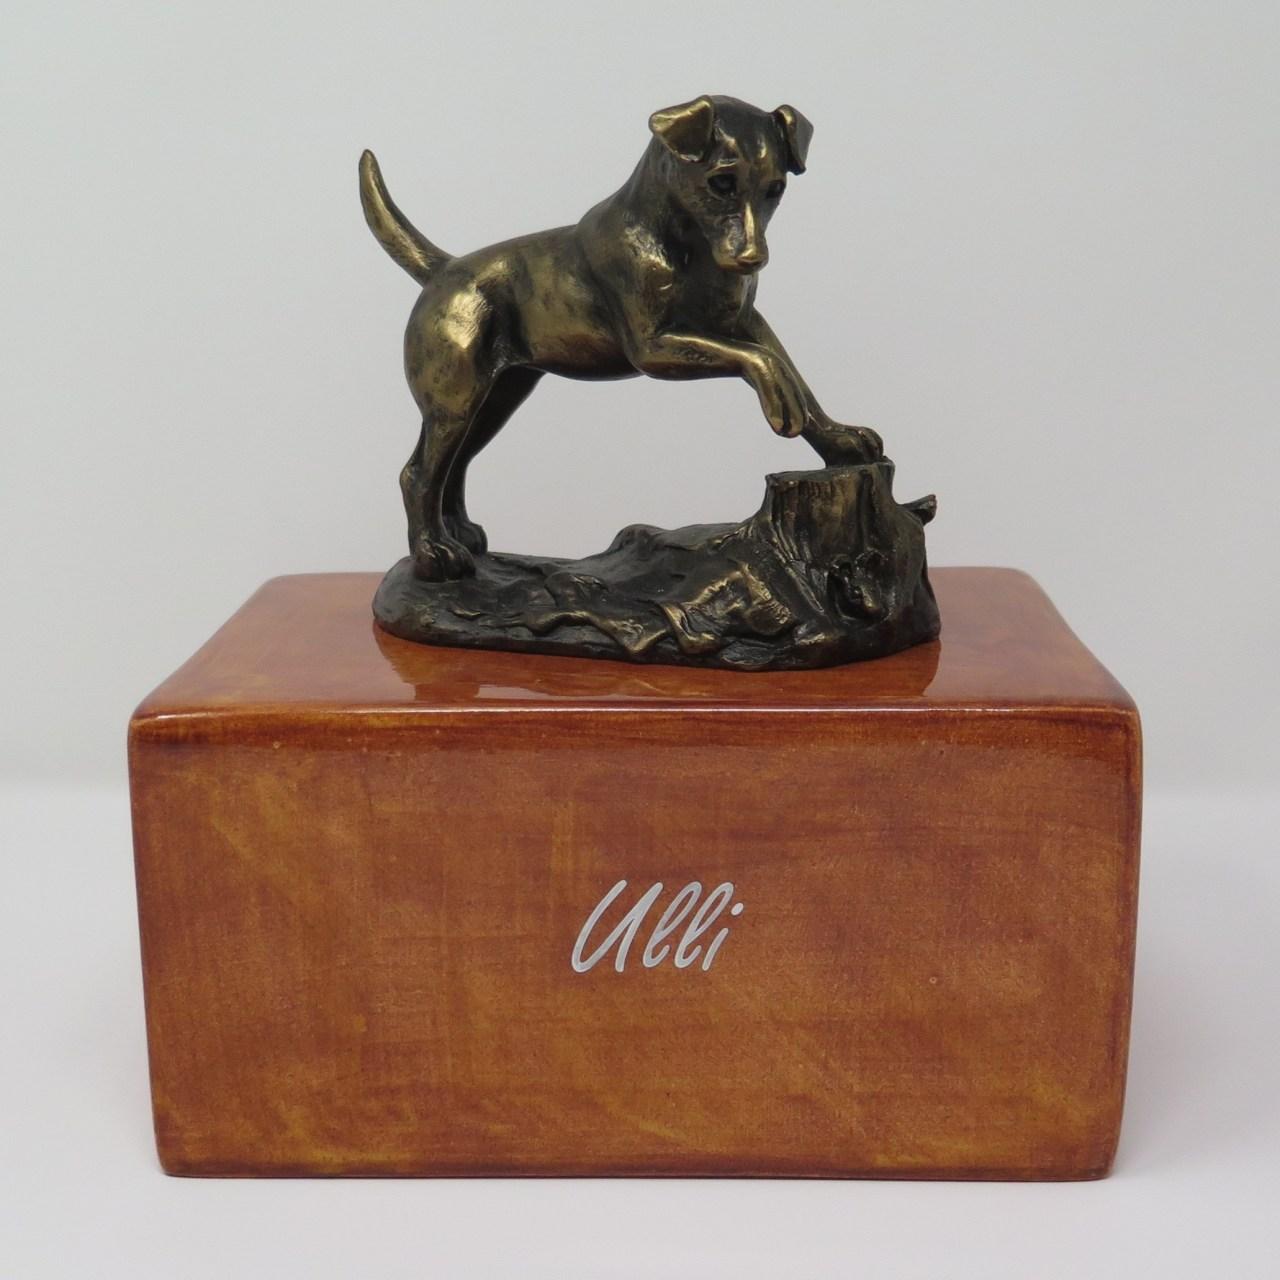 Jack Russel Urne mit Bronzefigur